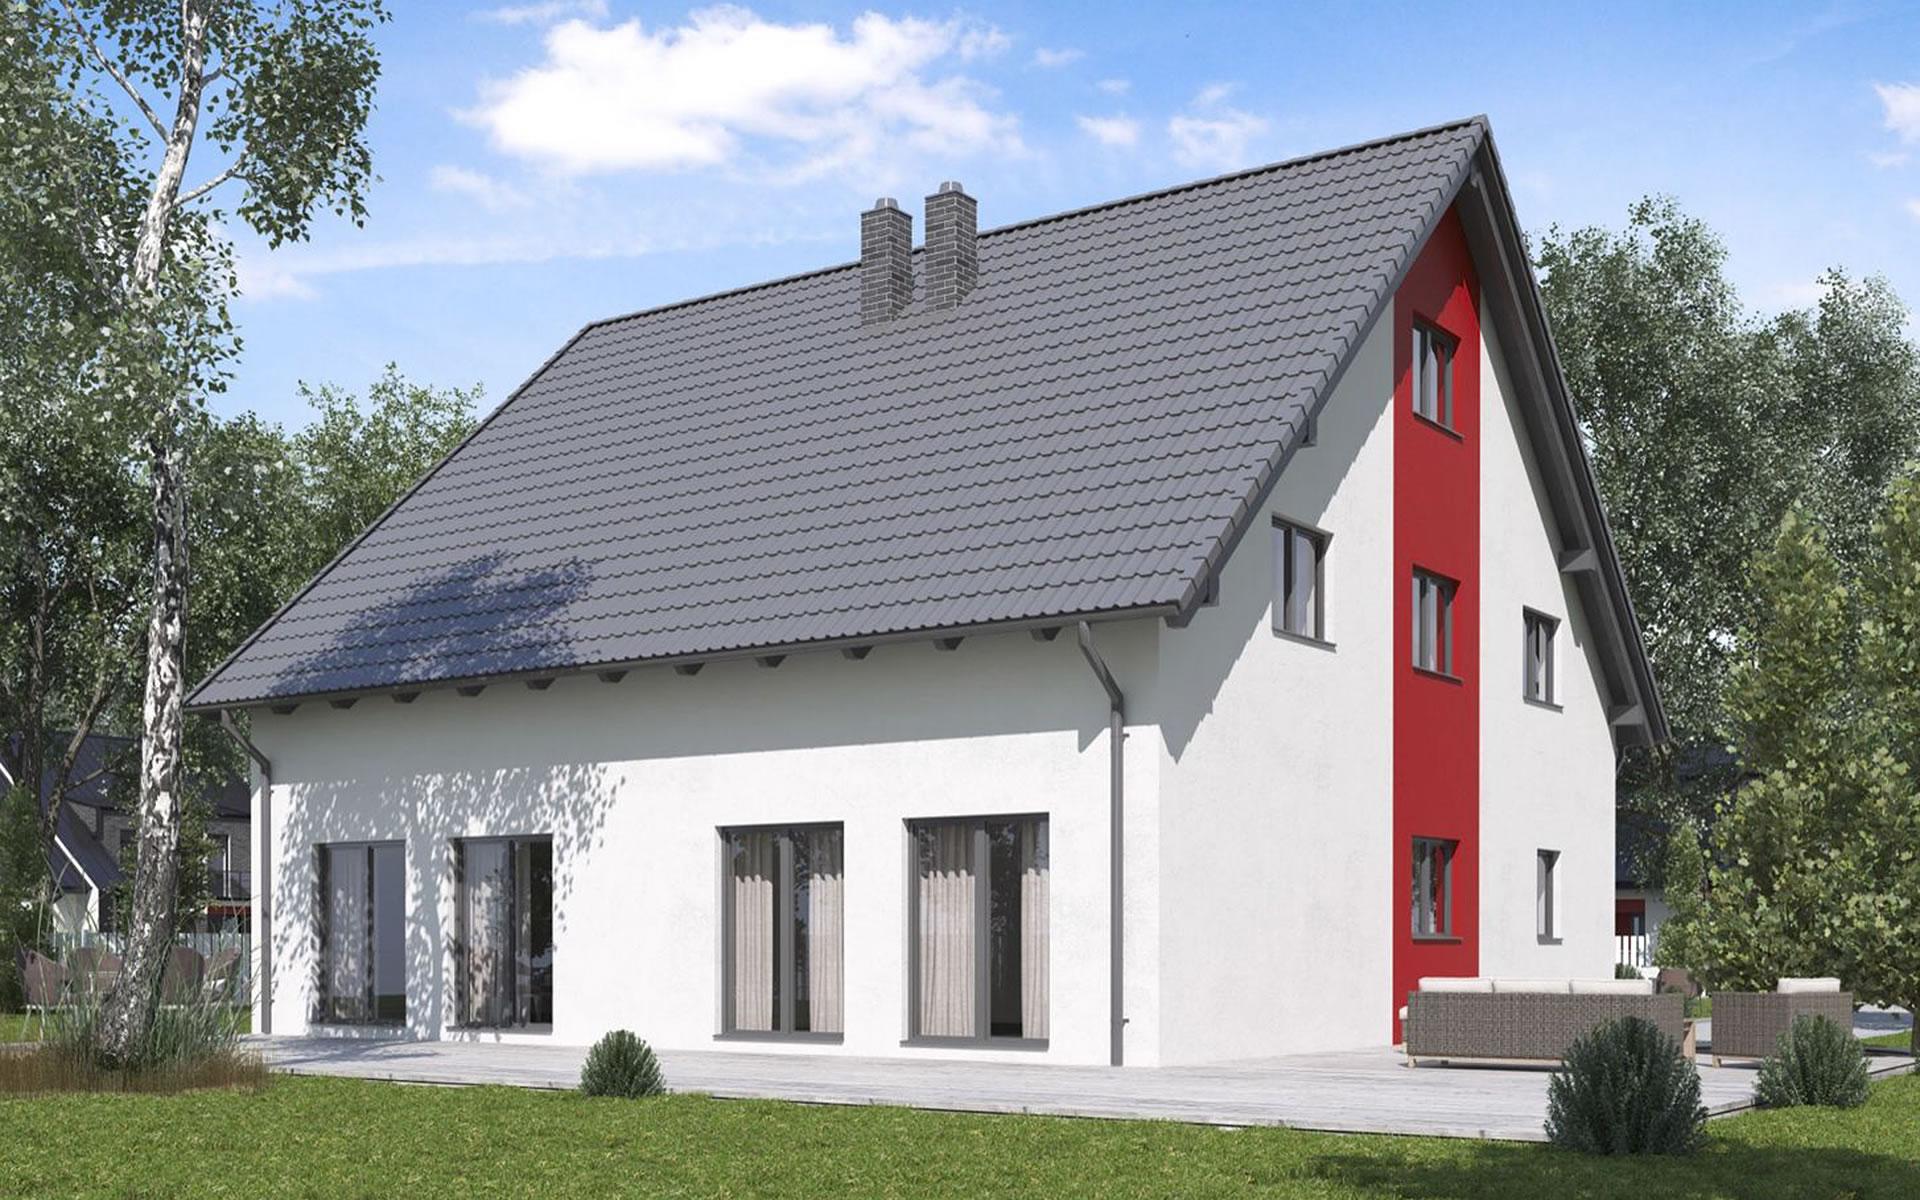 Doppelhaushälfte BS 103 von B&S Selbstbausysteme GmbH & Co. KG